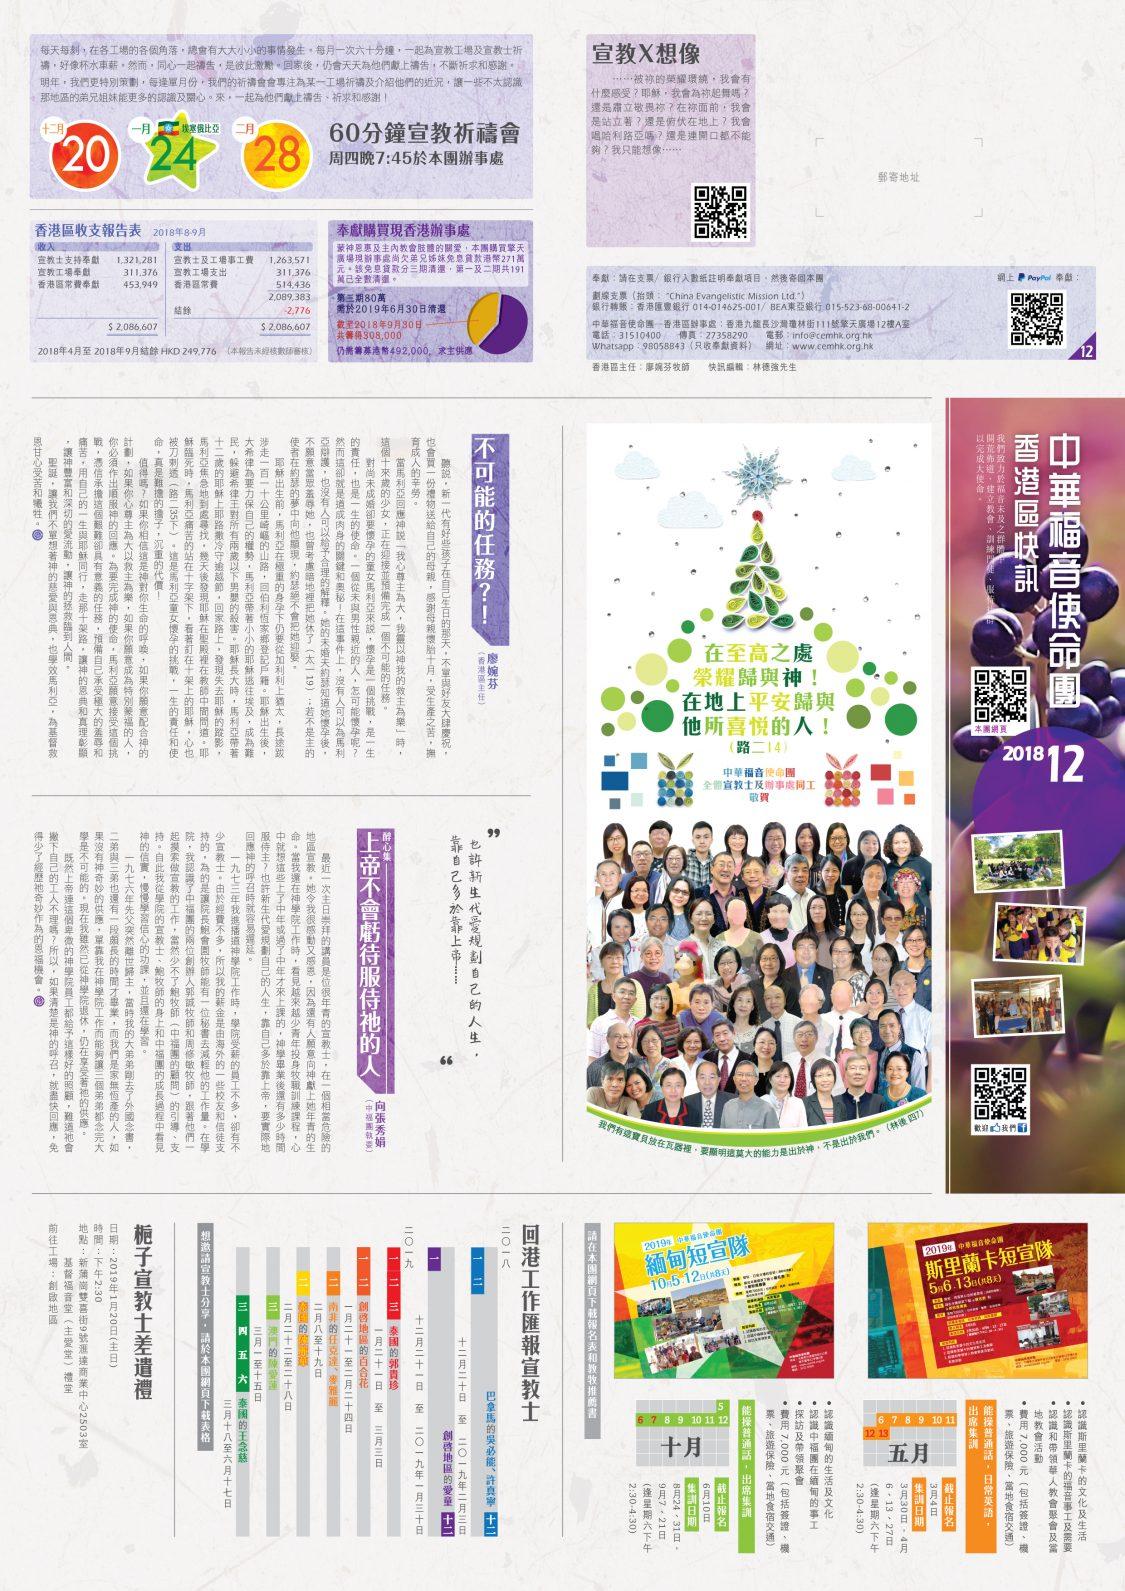 香港區快訊 2018(12)-01